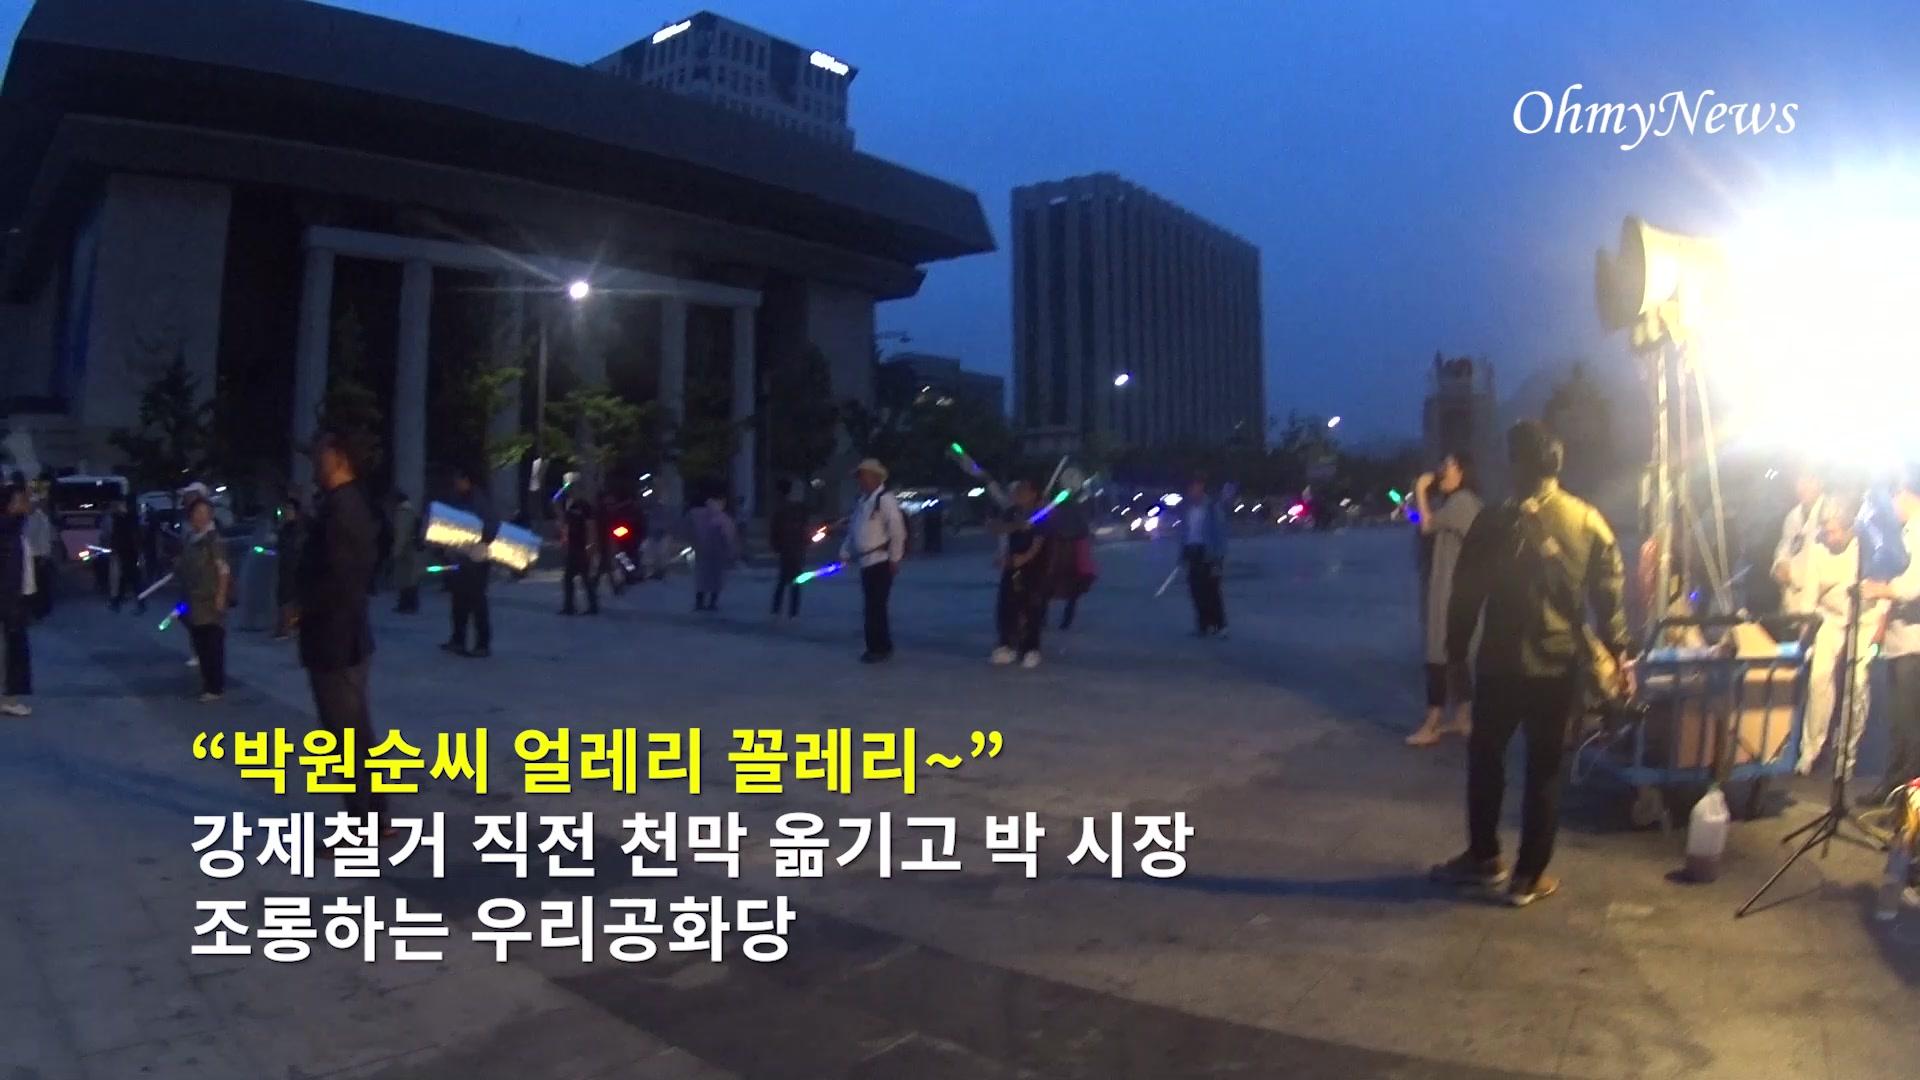 """""""박원순씨 얼레리 꼴레리"""" 치고 빠지기 작전으로 광장 떠난 우리공화당"""